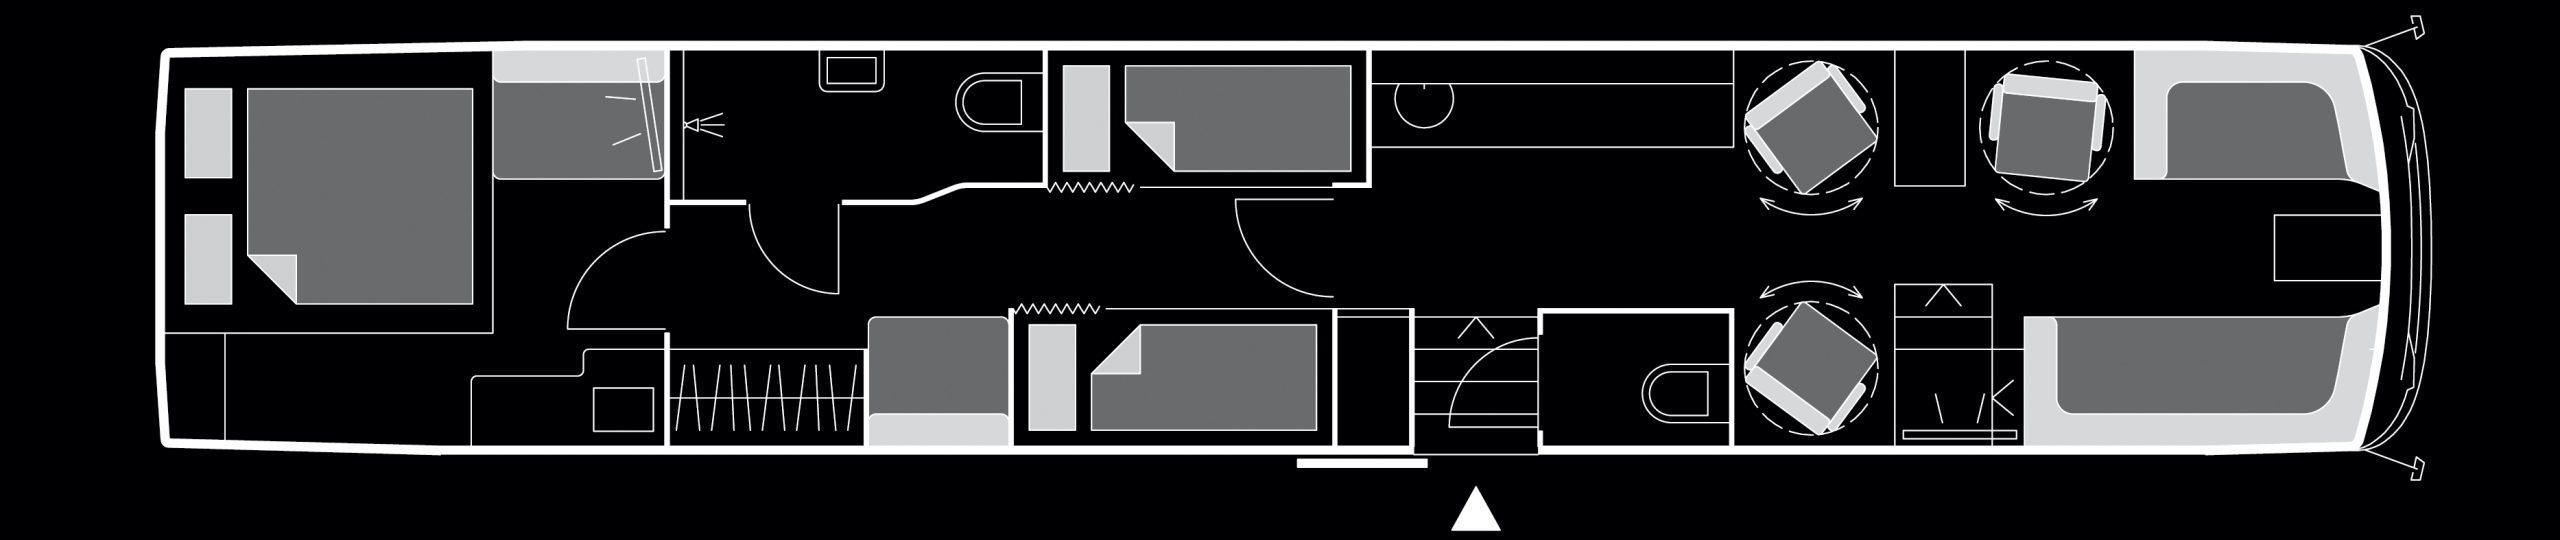 Beat the Street - VanHool Superhighdeckers Starbus Floor Plan